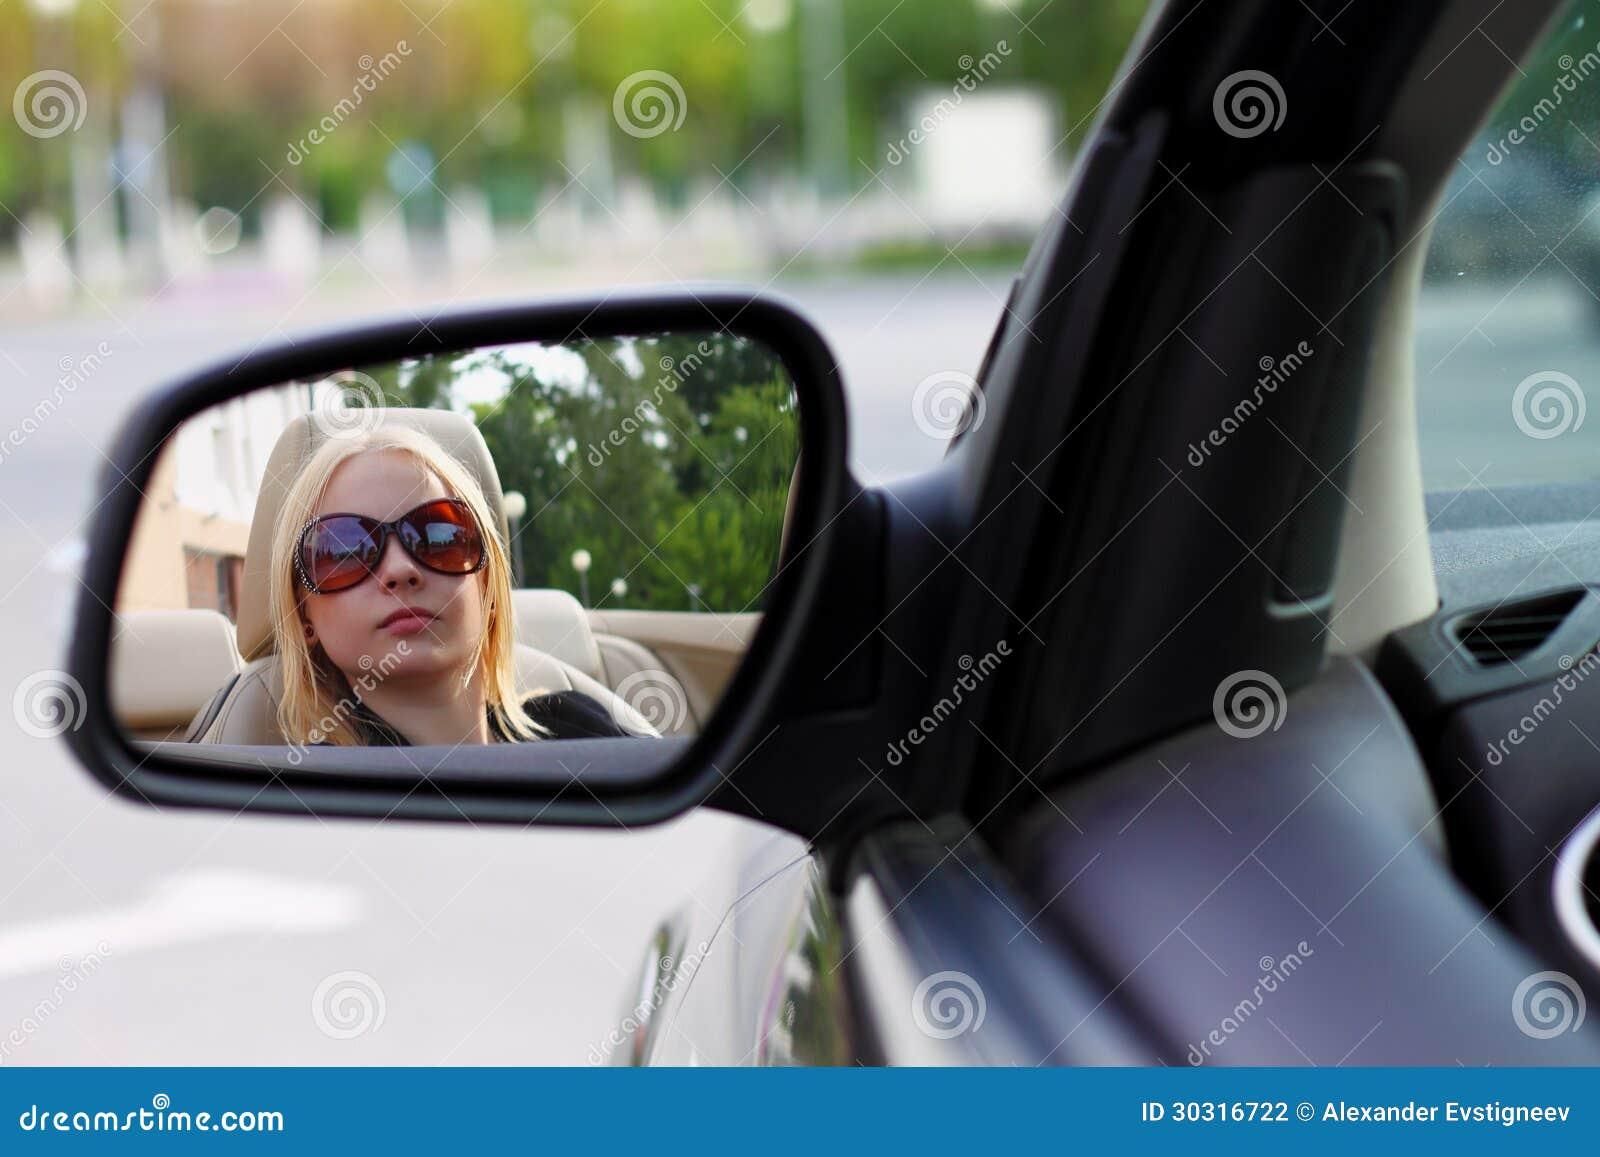 b37a27d746 Jolie femme conduisant sa voiture de sport de convertible avec ses lunettes  de soleil.